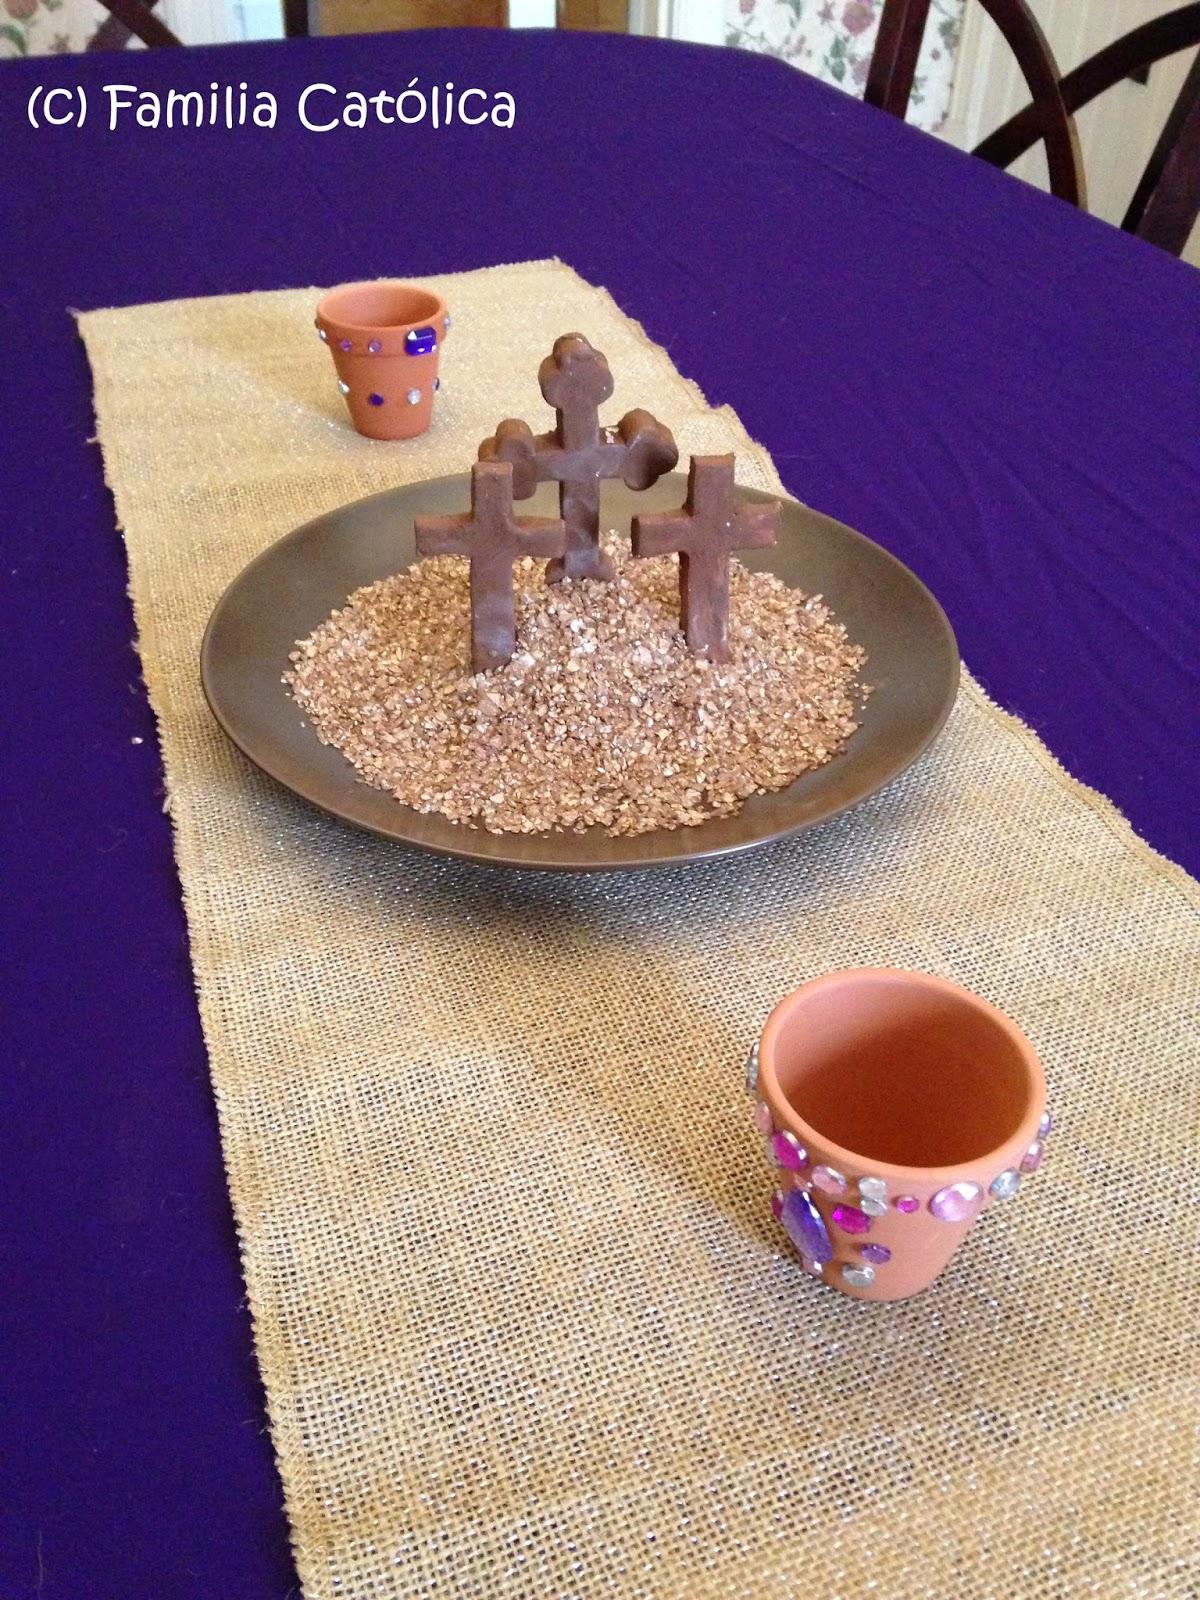 Familia cat lica cruces de arcilla para decorar la mesa - Como se sirve en la mesa ...